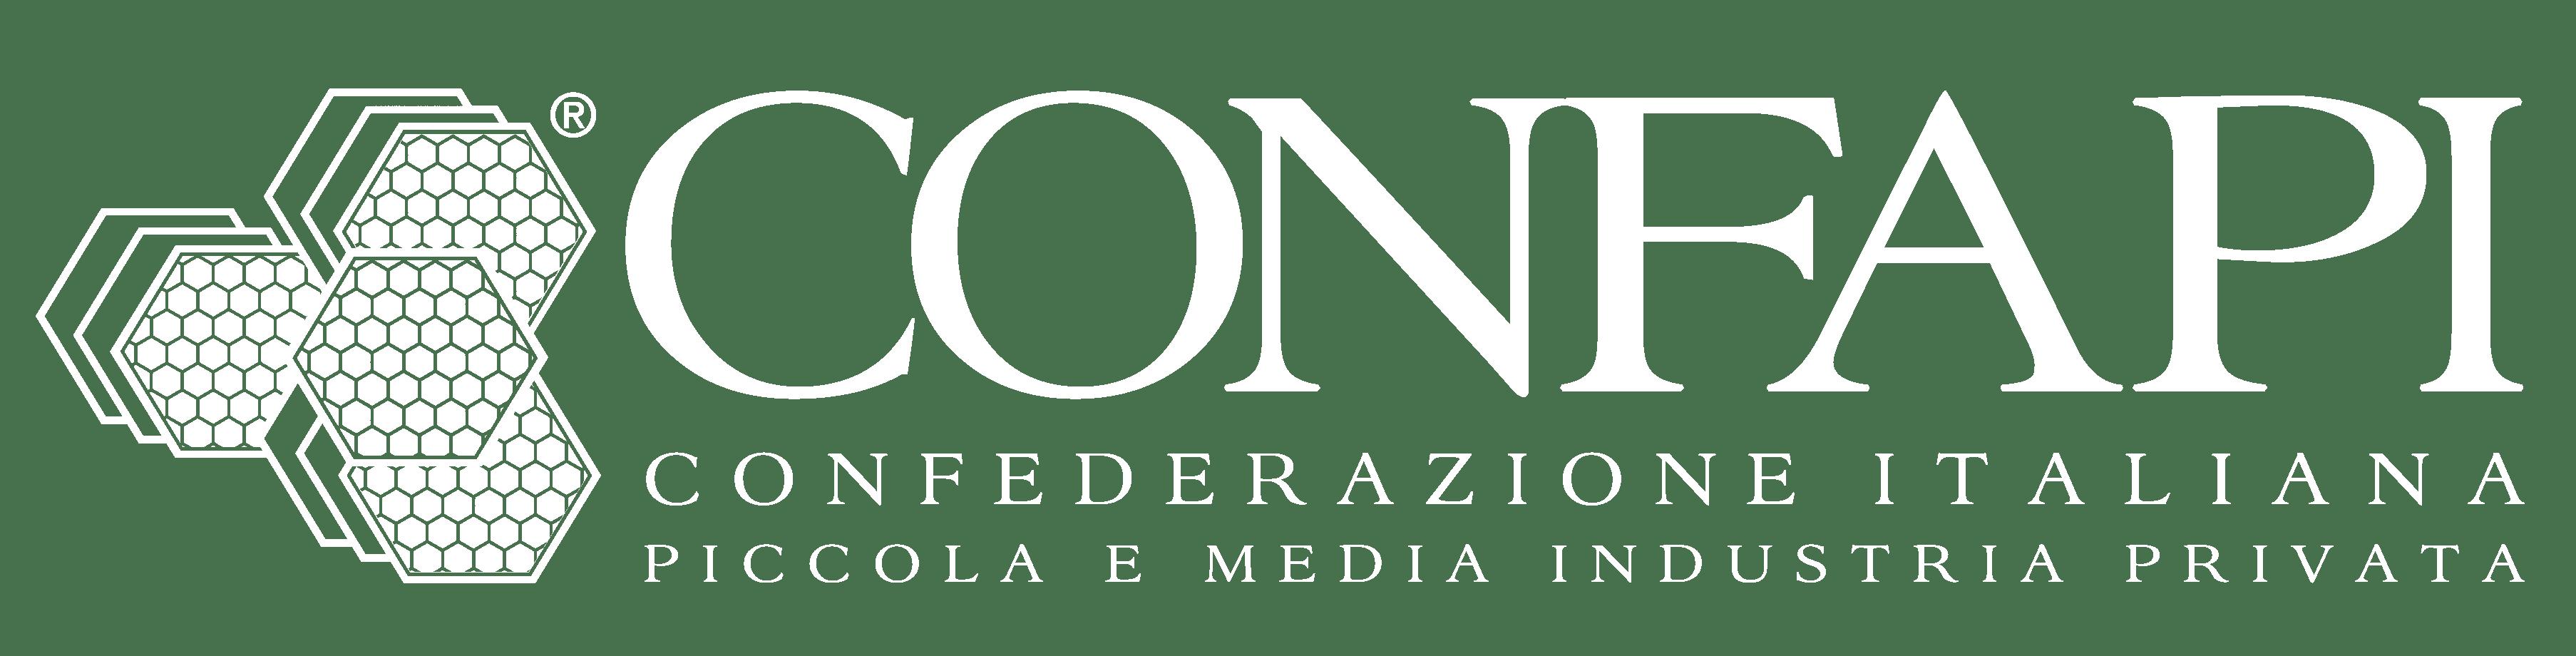 CONFAPI - Apimprese - Associazioni per le Imprese